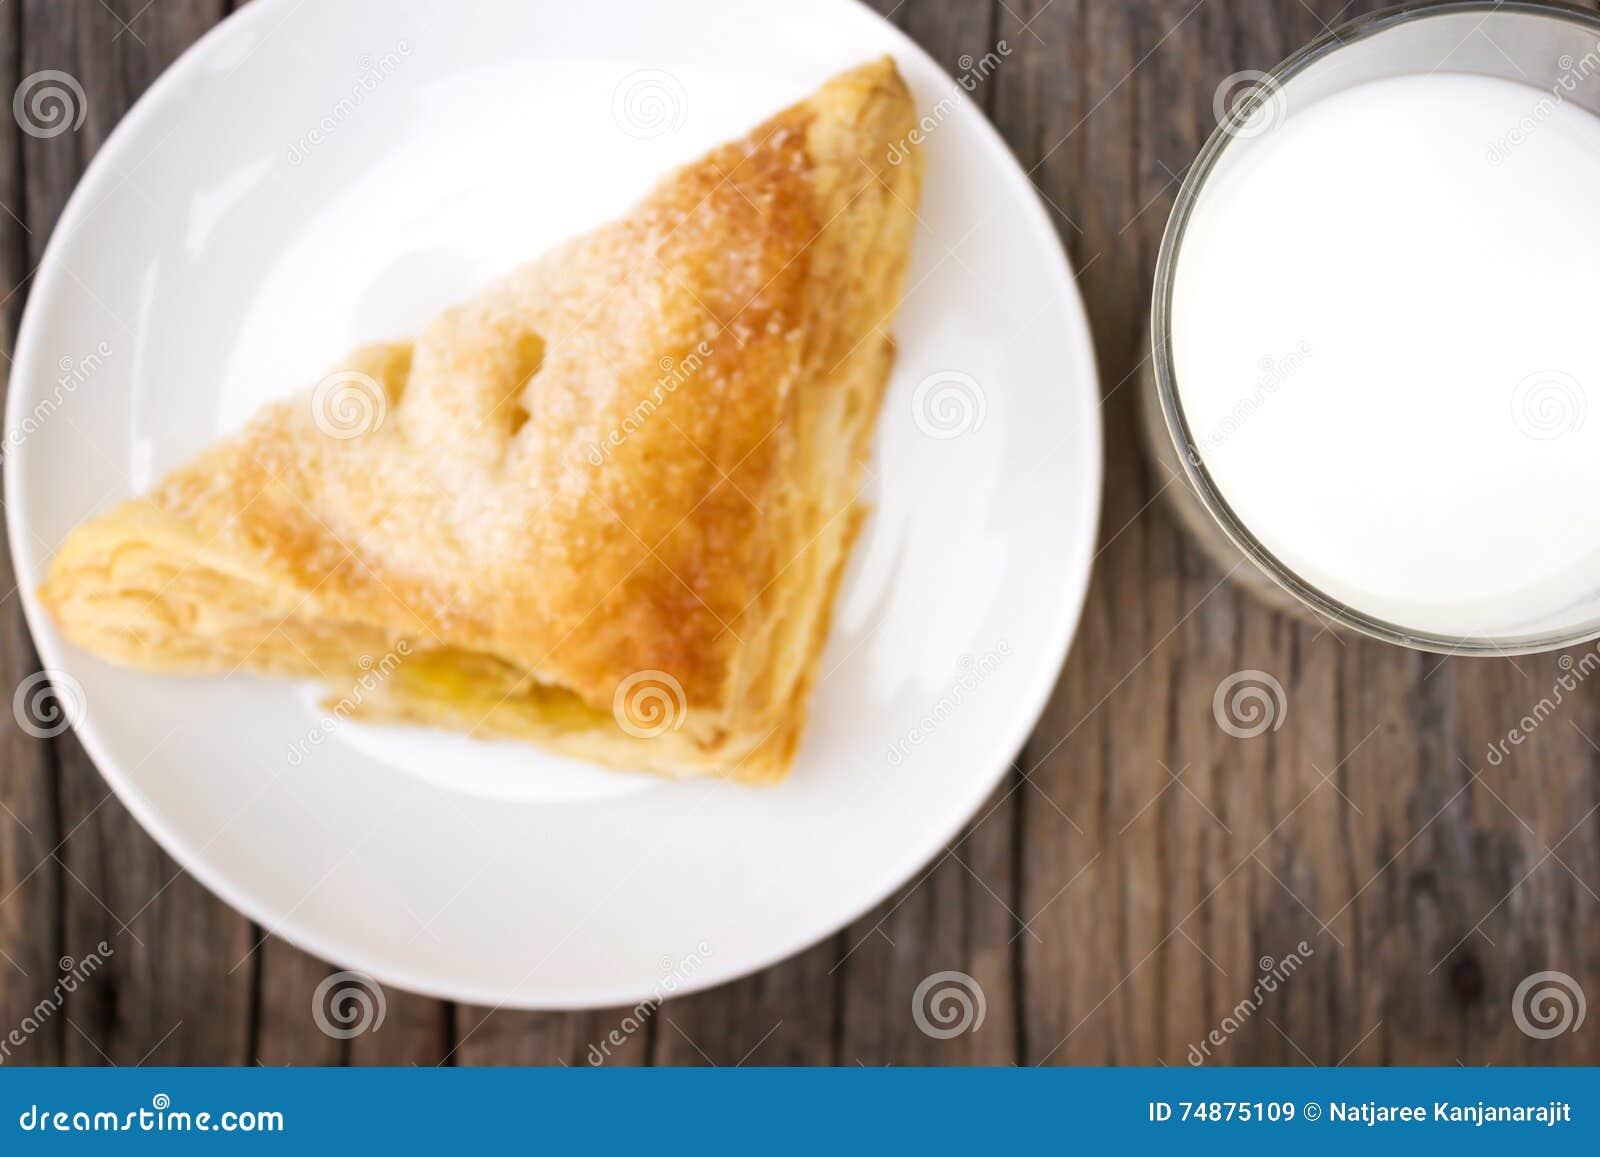 Ποτήρι του γάλακτος με την τριζάτη πίτα